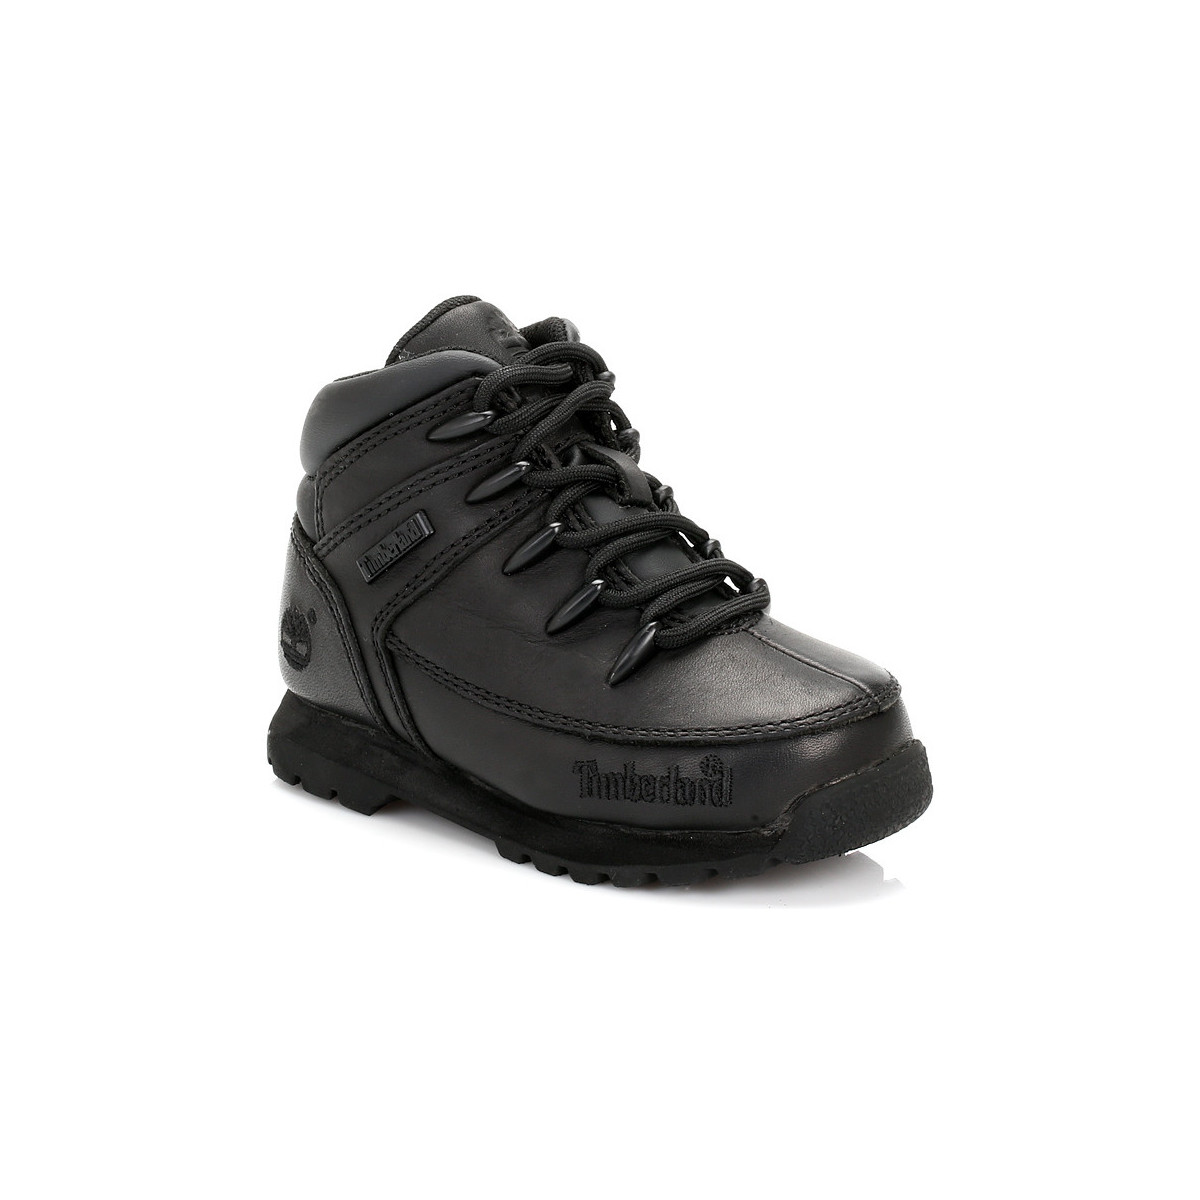 timberland enfant noir euro sprint bottes en cuir timberland 535 chaussures boots enfant 80 00. Black Bedroom Furniture Sets. Home Design Ideas